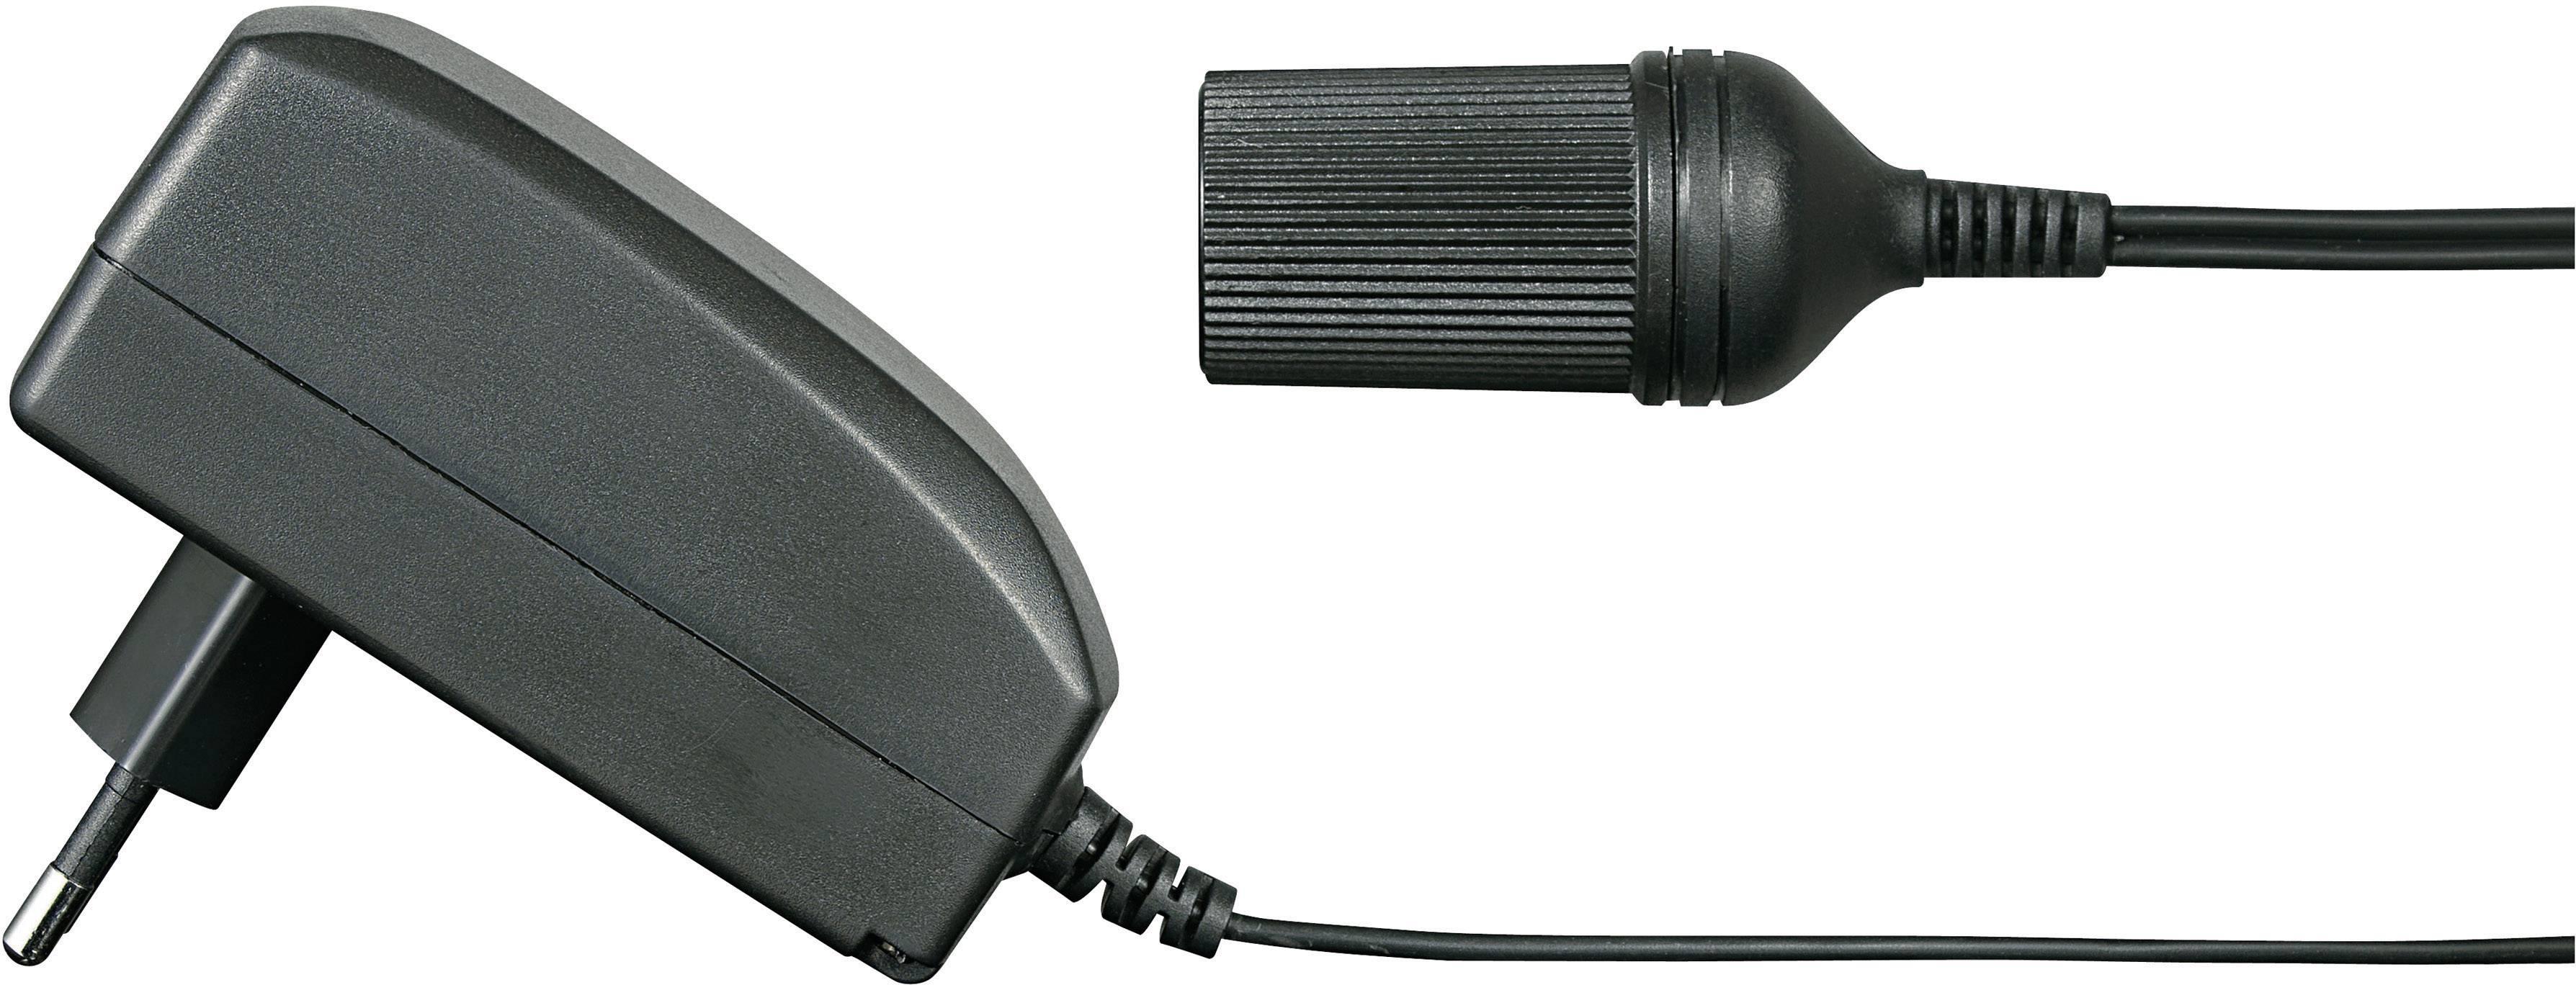 Zásuvkový adaptér so stálym napätím VOLTCRAFT FPPS 12-27W, 27 W, 2250 mA